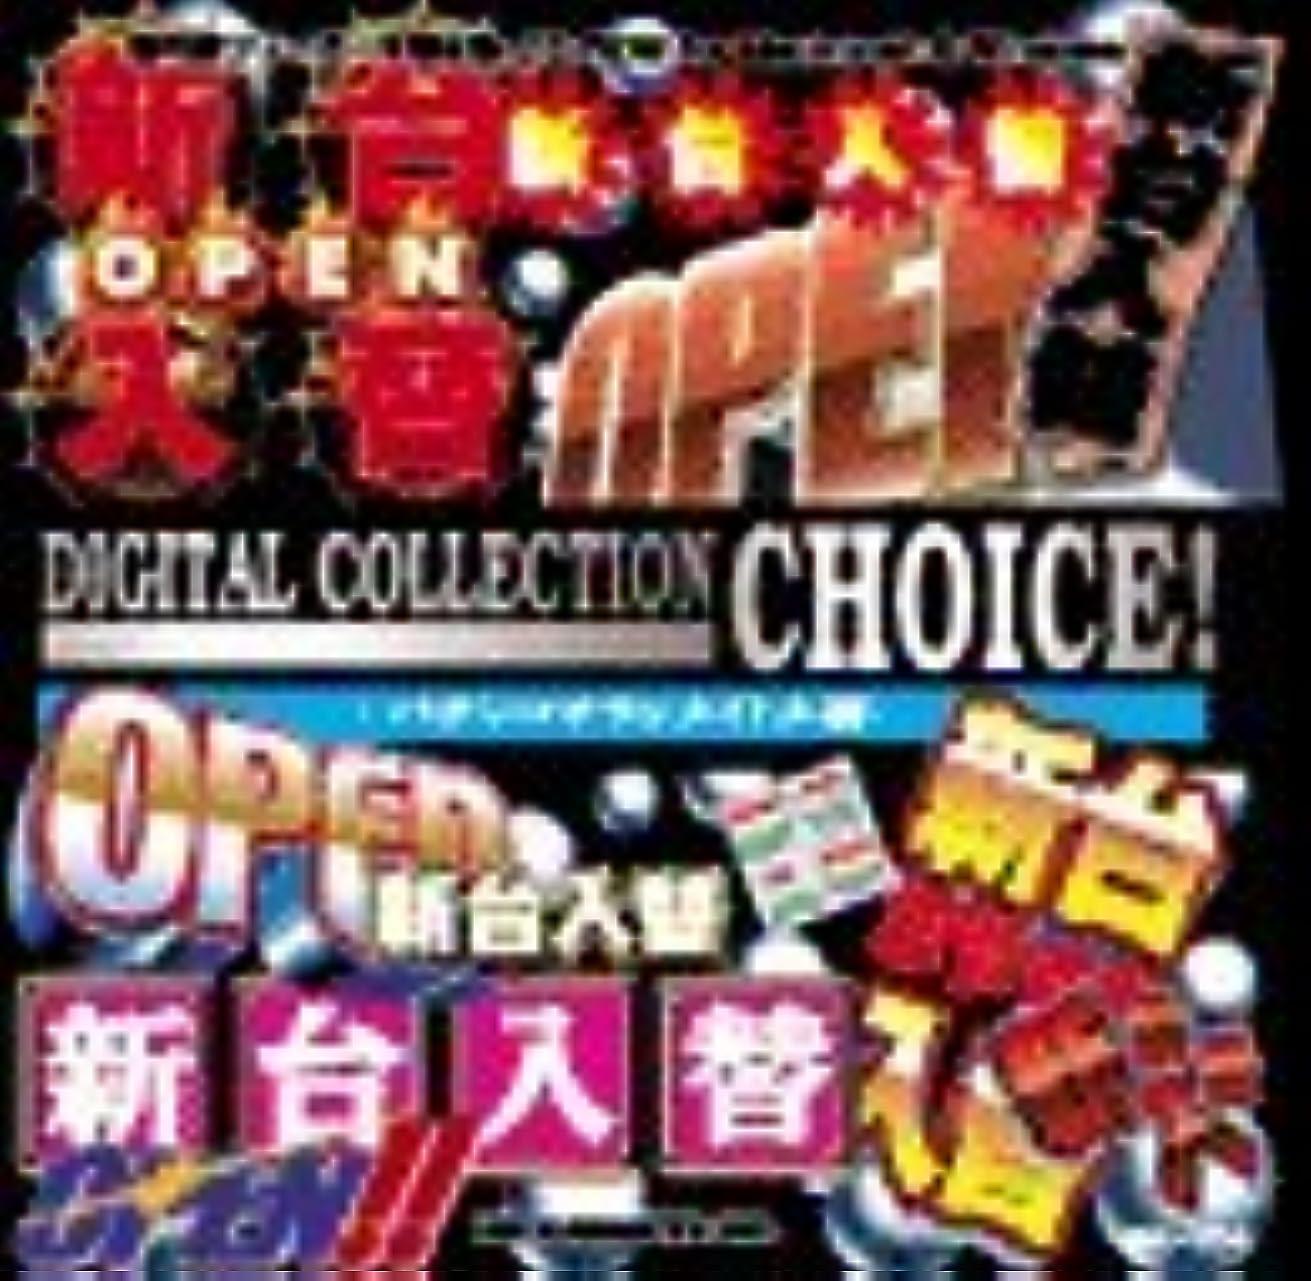 ギャラントリー著者第Digital Collection Choice! パチンコチラシタイトル編